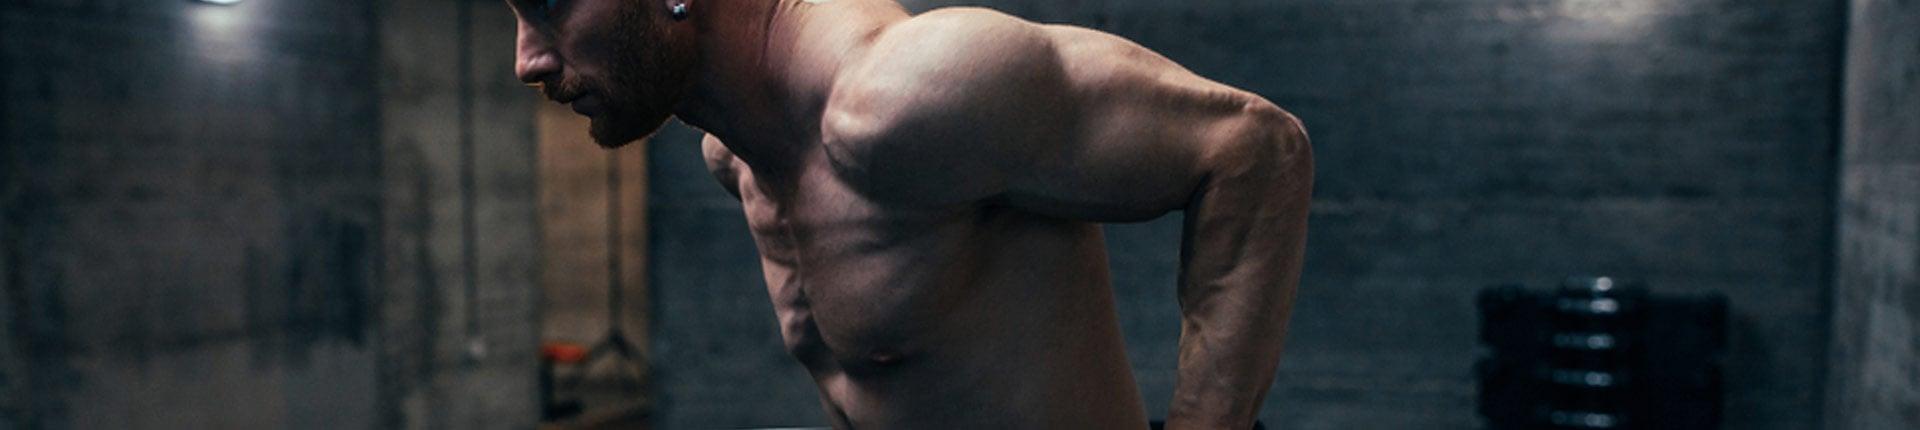 Pompki na poręczach czy wyciskanie sztangi w wąskim chwycie - co lepsze na tricepsy?